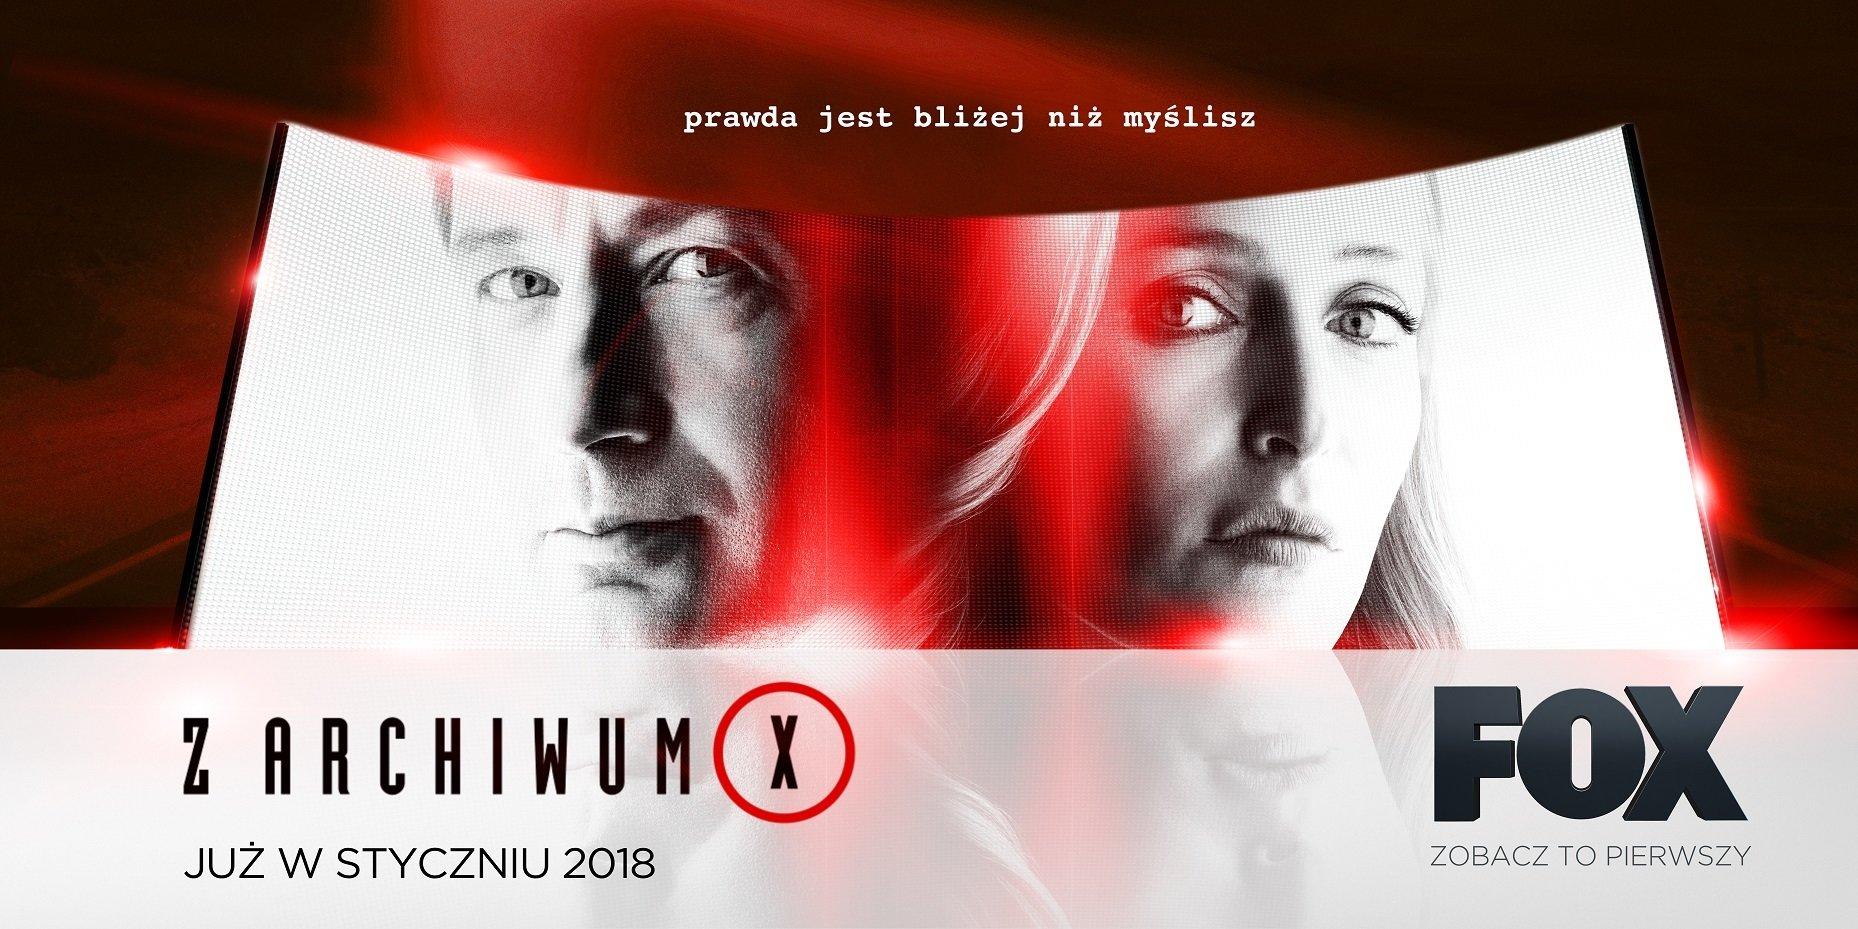 Nadchodzi koniec ludzkości! Z Archiwum X 2018 już 4 stycznia tylko na FOX!